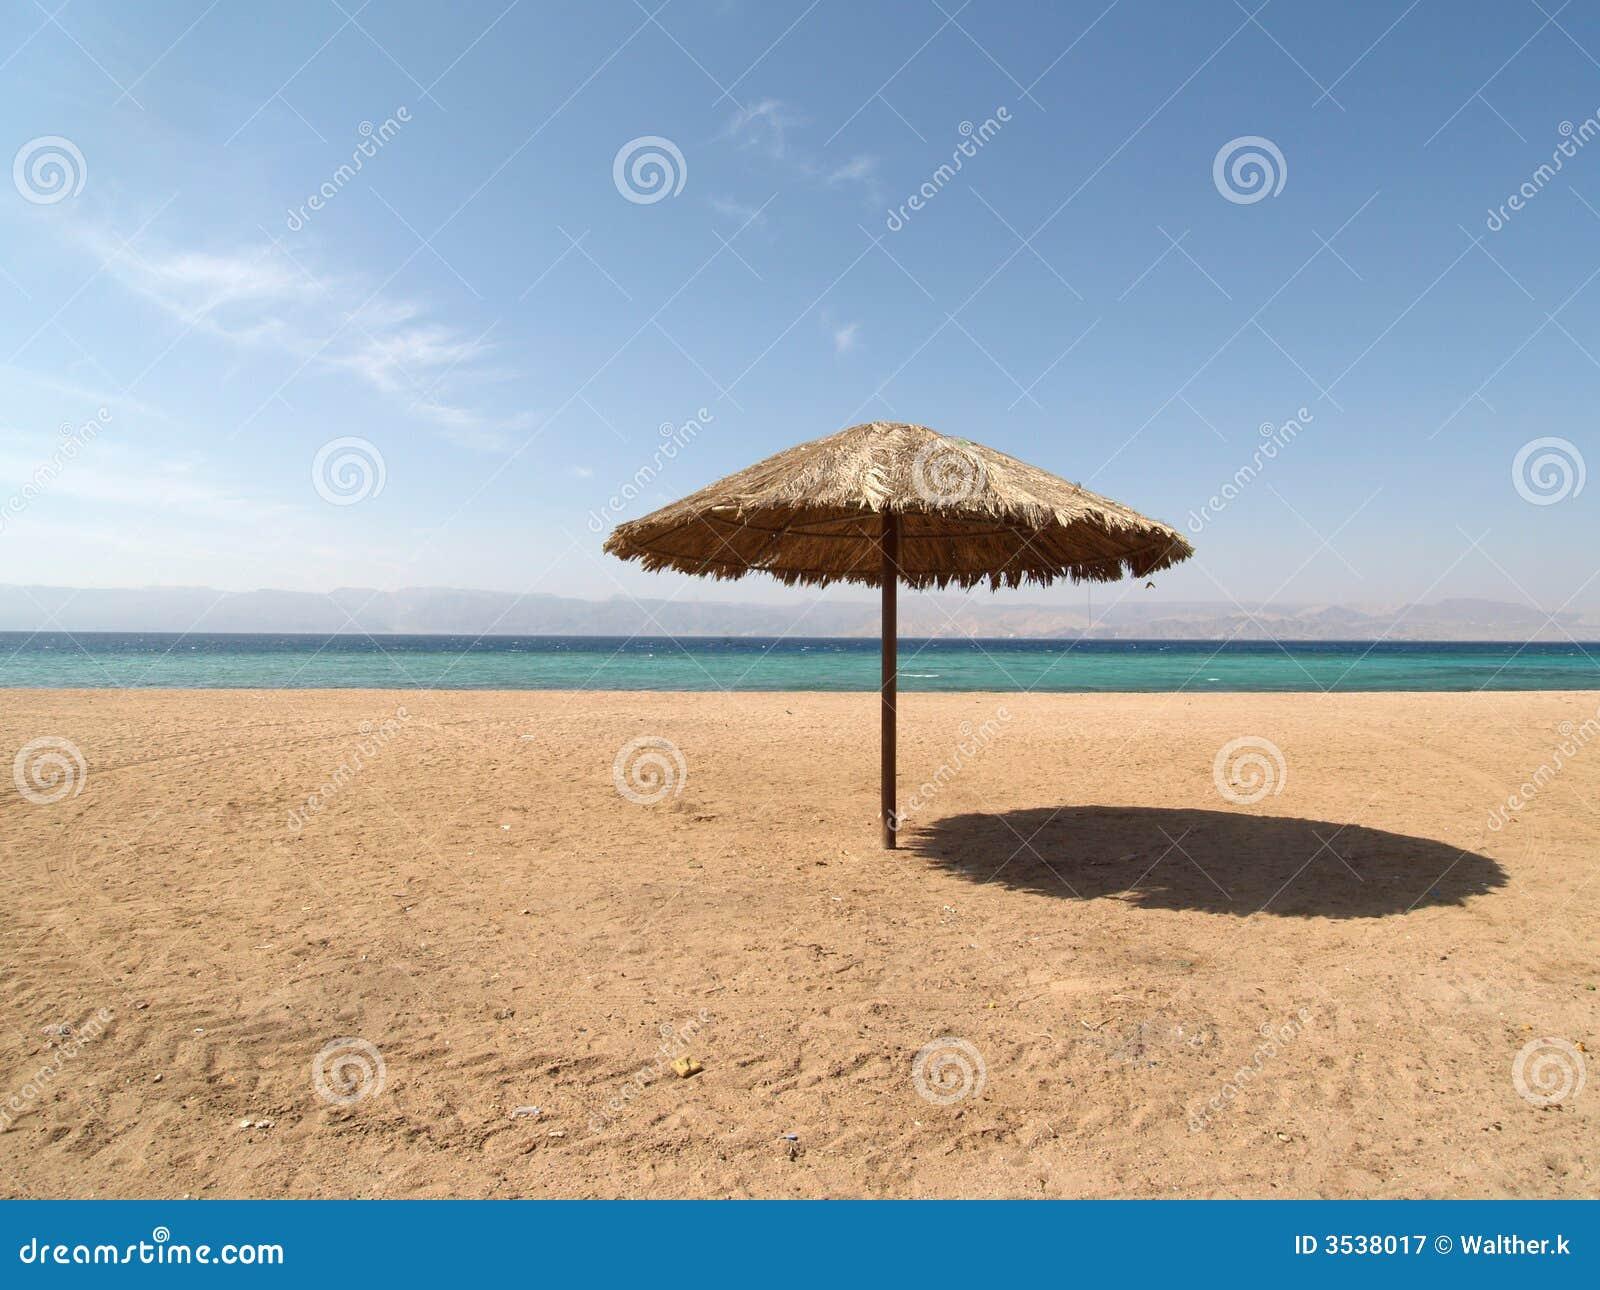 sonnenschirm auf dem jordanien strand stockbild bild von. Black Bedroom Furniture Sets. Home Design Ideas